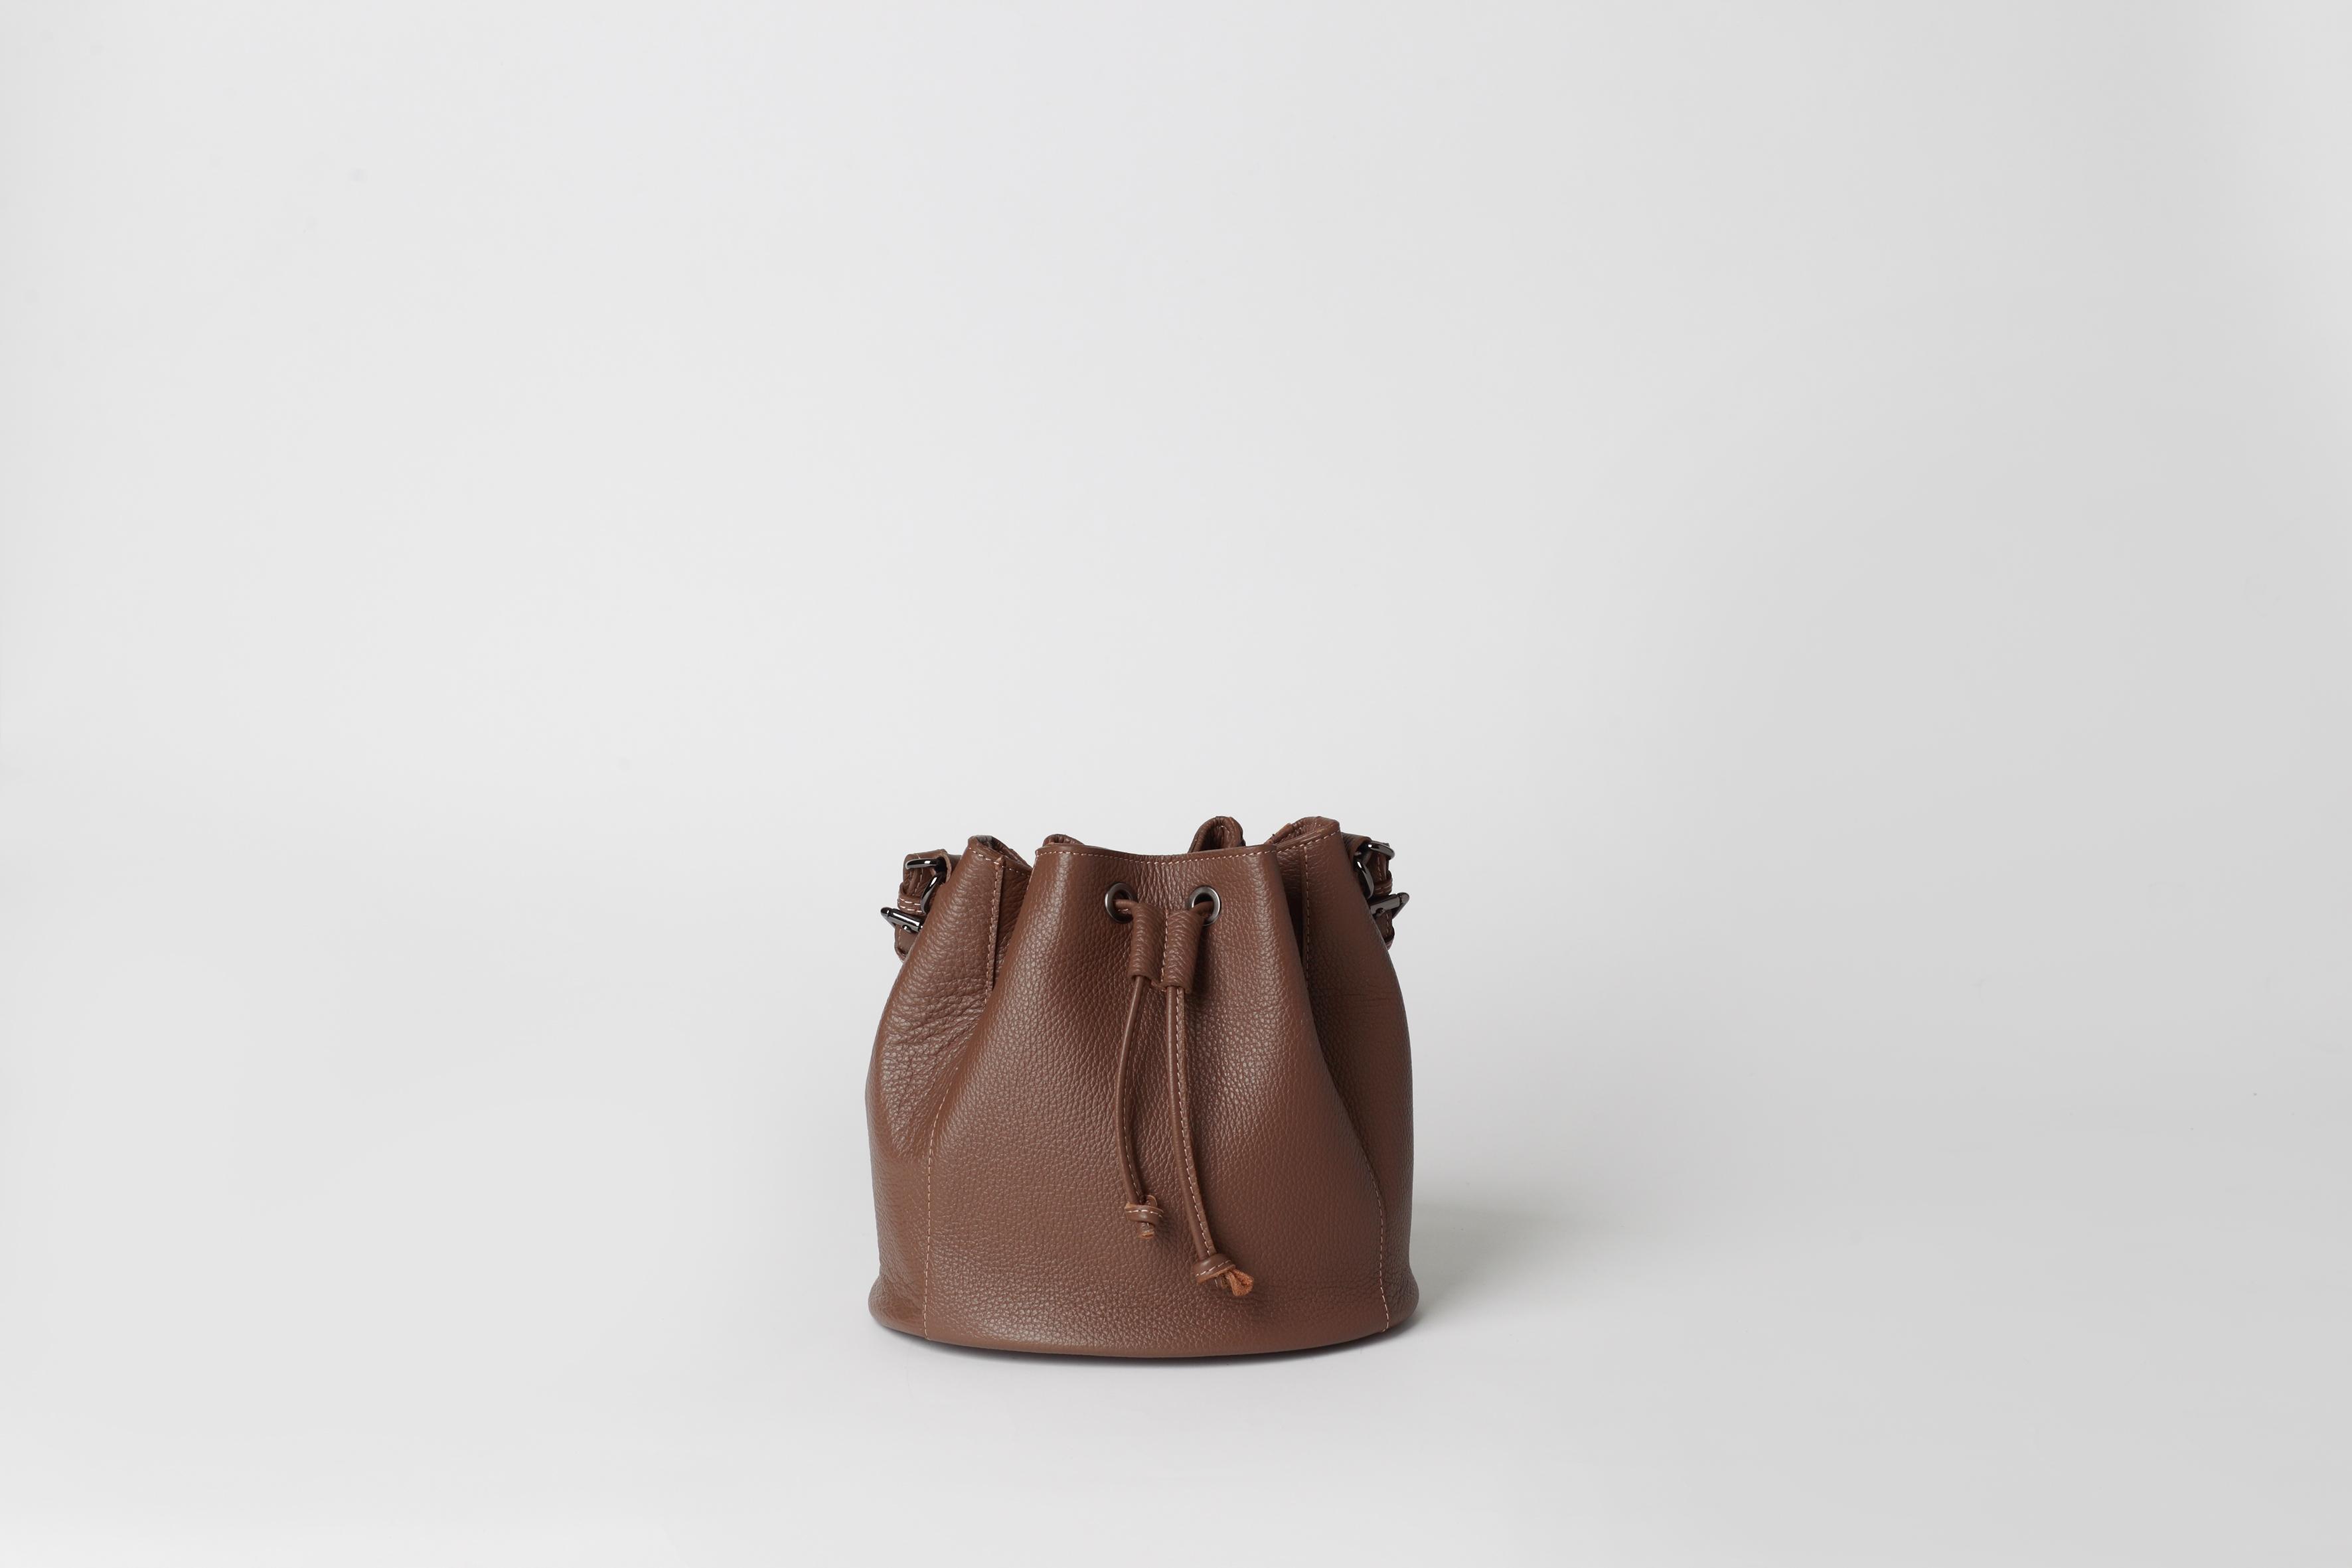 23cf1070b68a Сумка-торба из натуральной кожи - NAVY - real leather bucket bag. В наличии